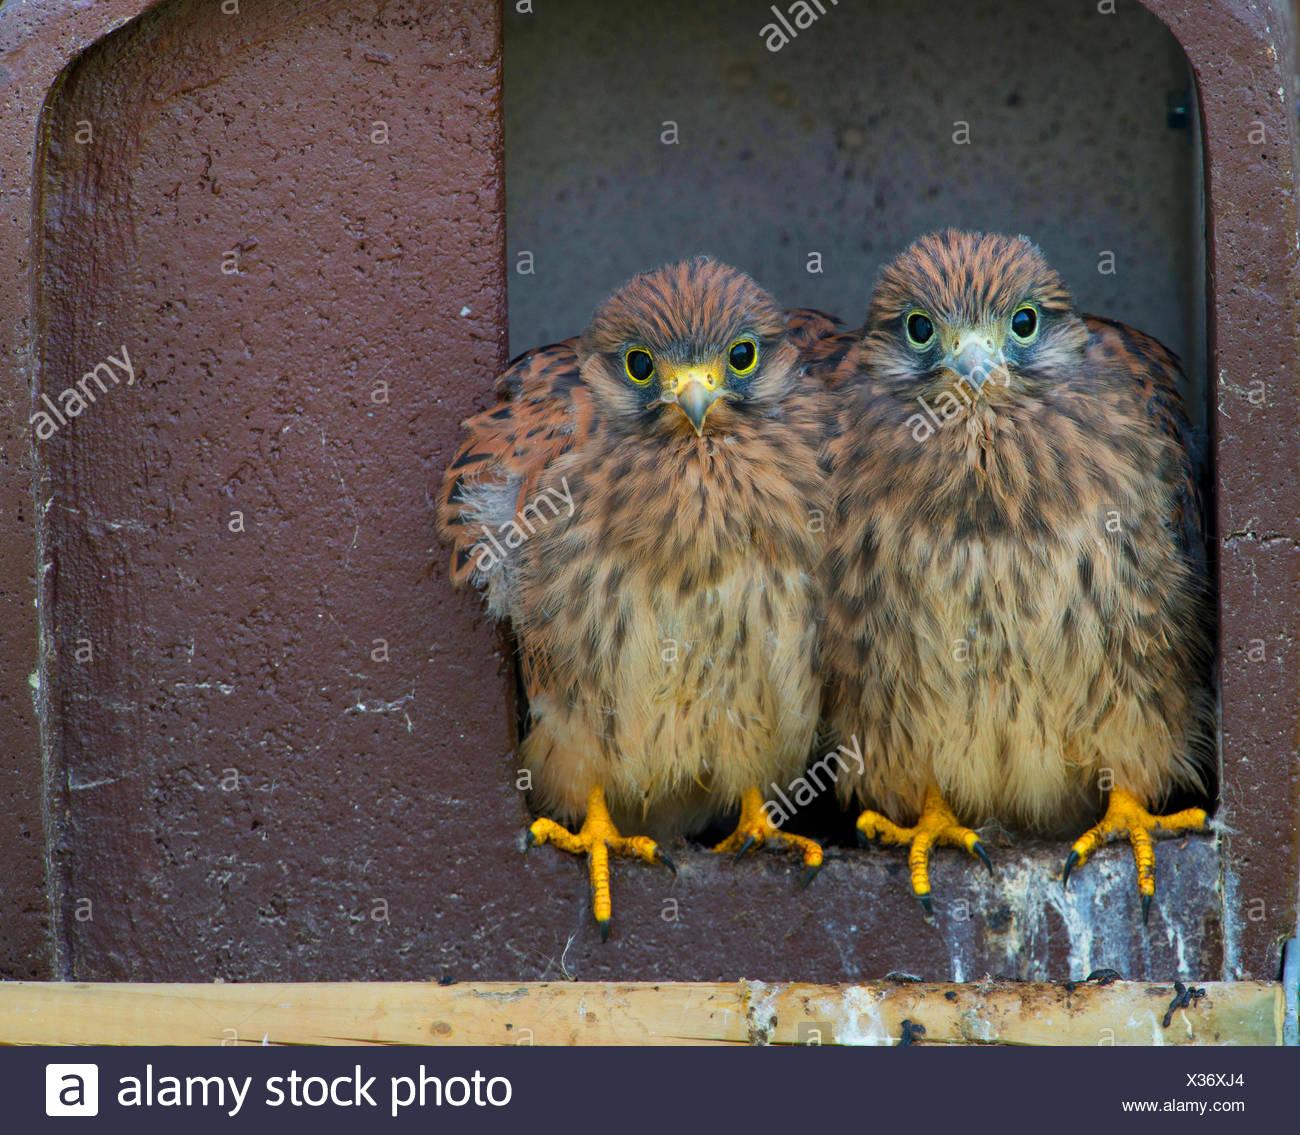 Turmfalke, Turm-Falke (Falco tinnunculus), zwei Vogelkinder sitzen zusammen im Nistkasten, Vorderansicht, Deutschland, Bayern |  - Stock Image